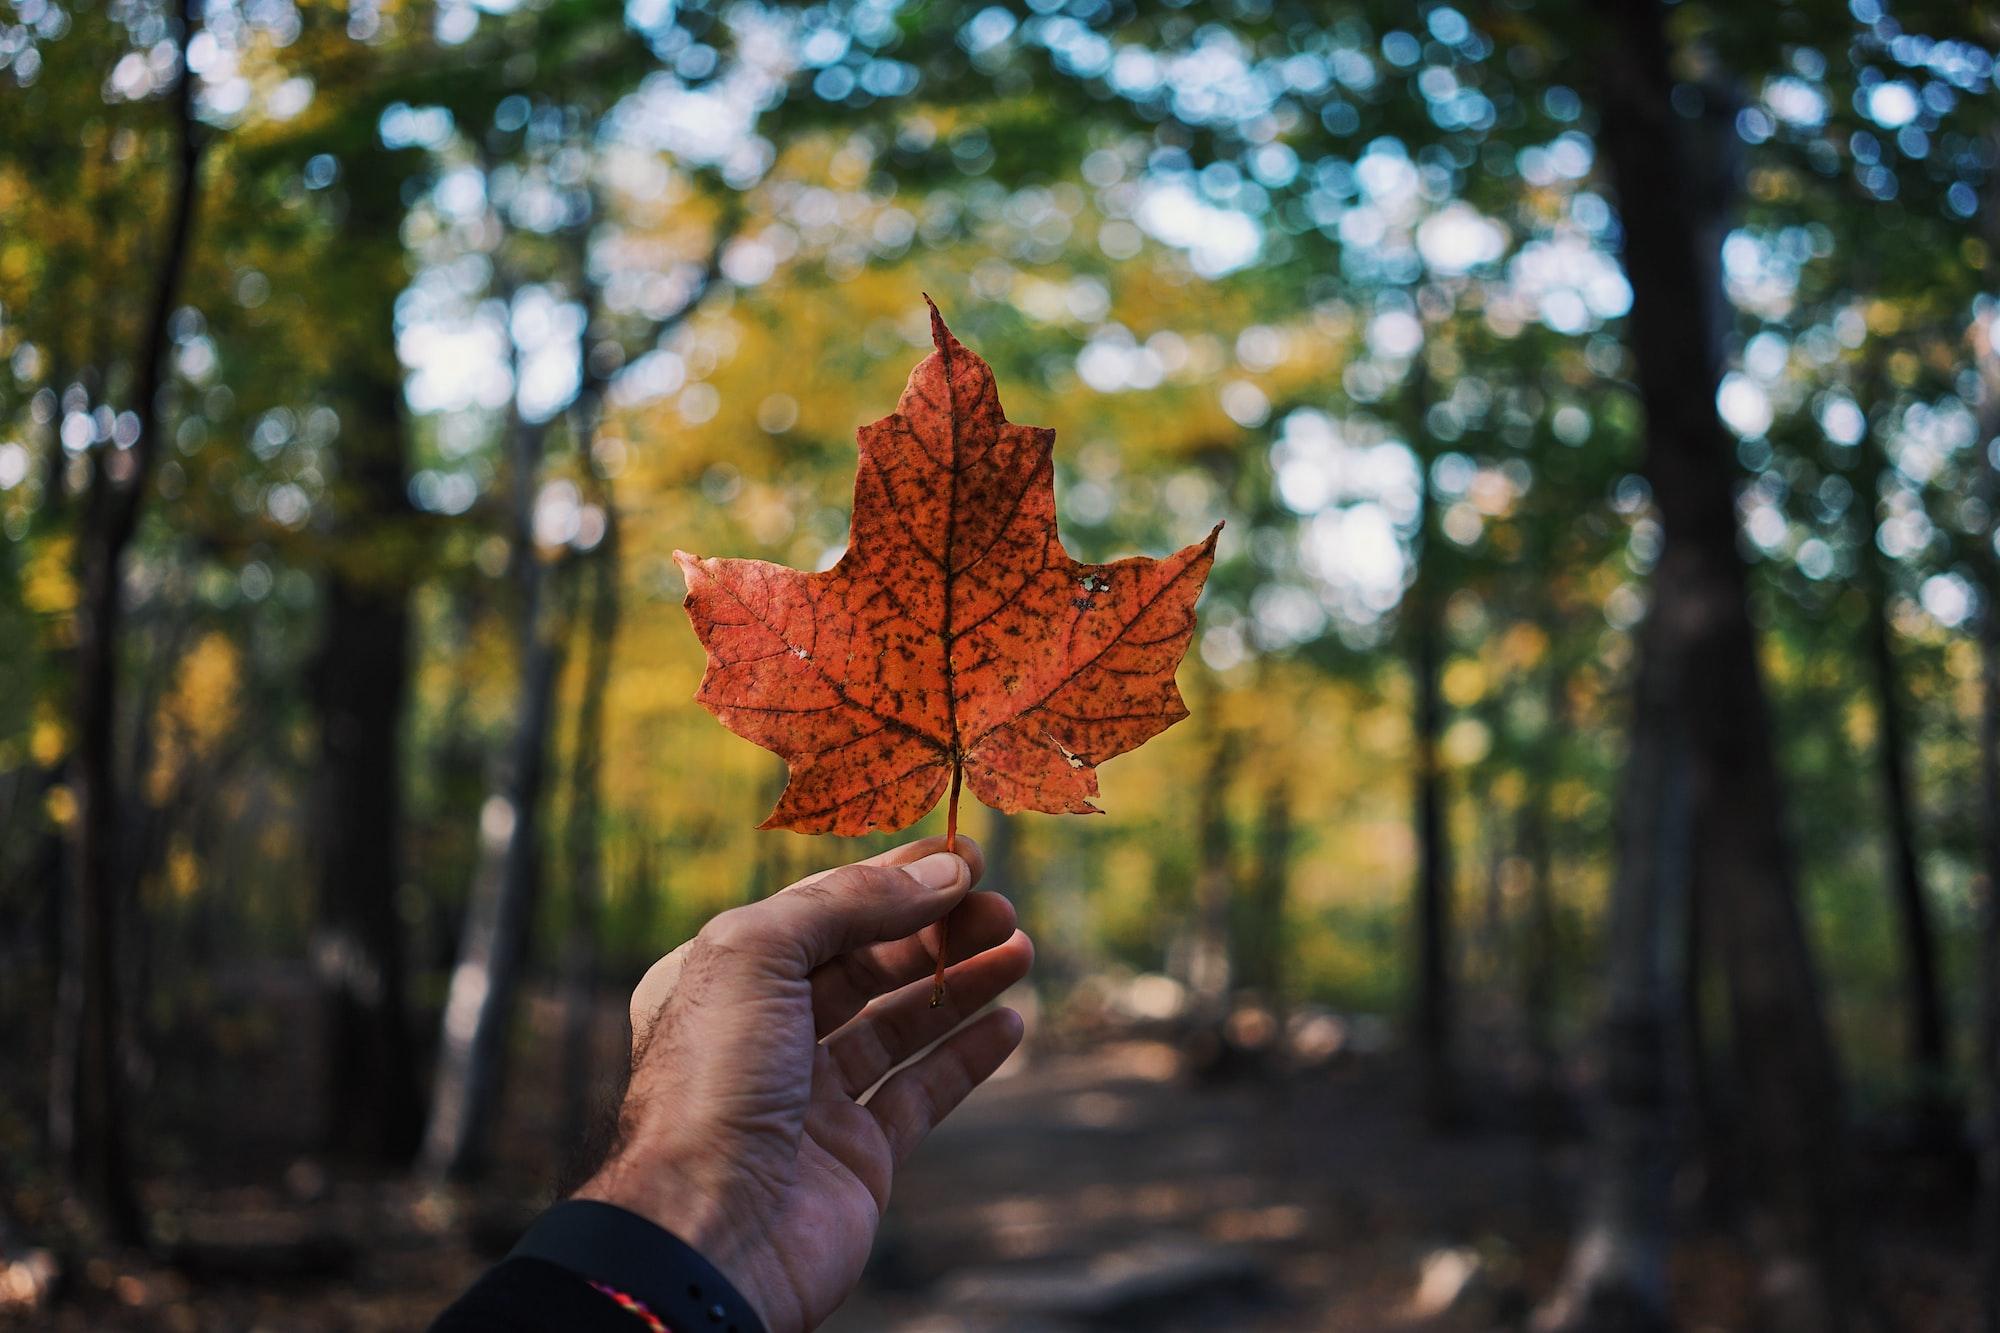 राहत: कनाडा के लिए अब मिडिल ईस्ट देशों में भी रुककर जा सकेंगे भारतीय